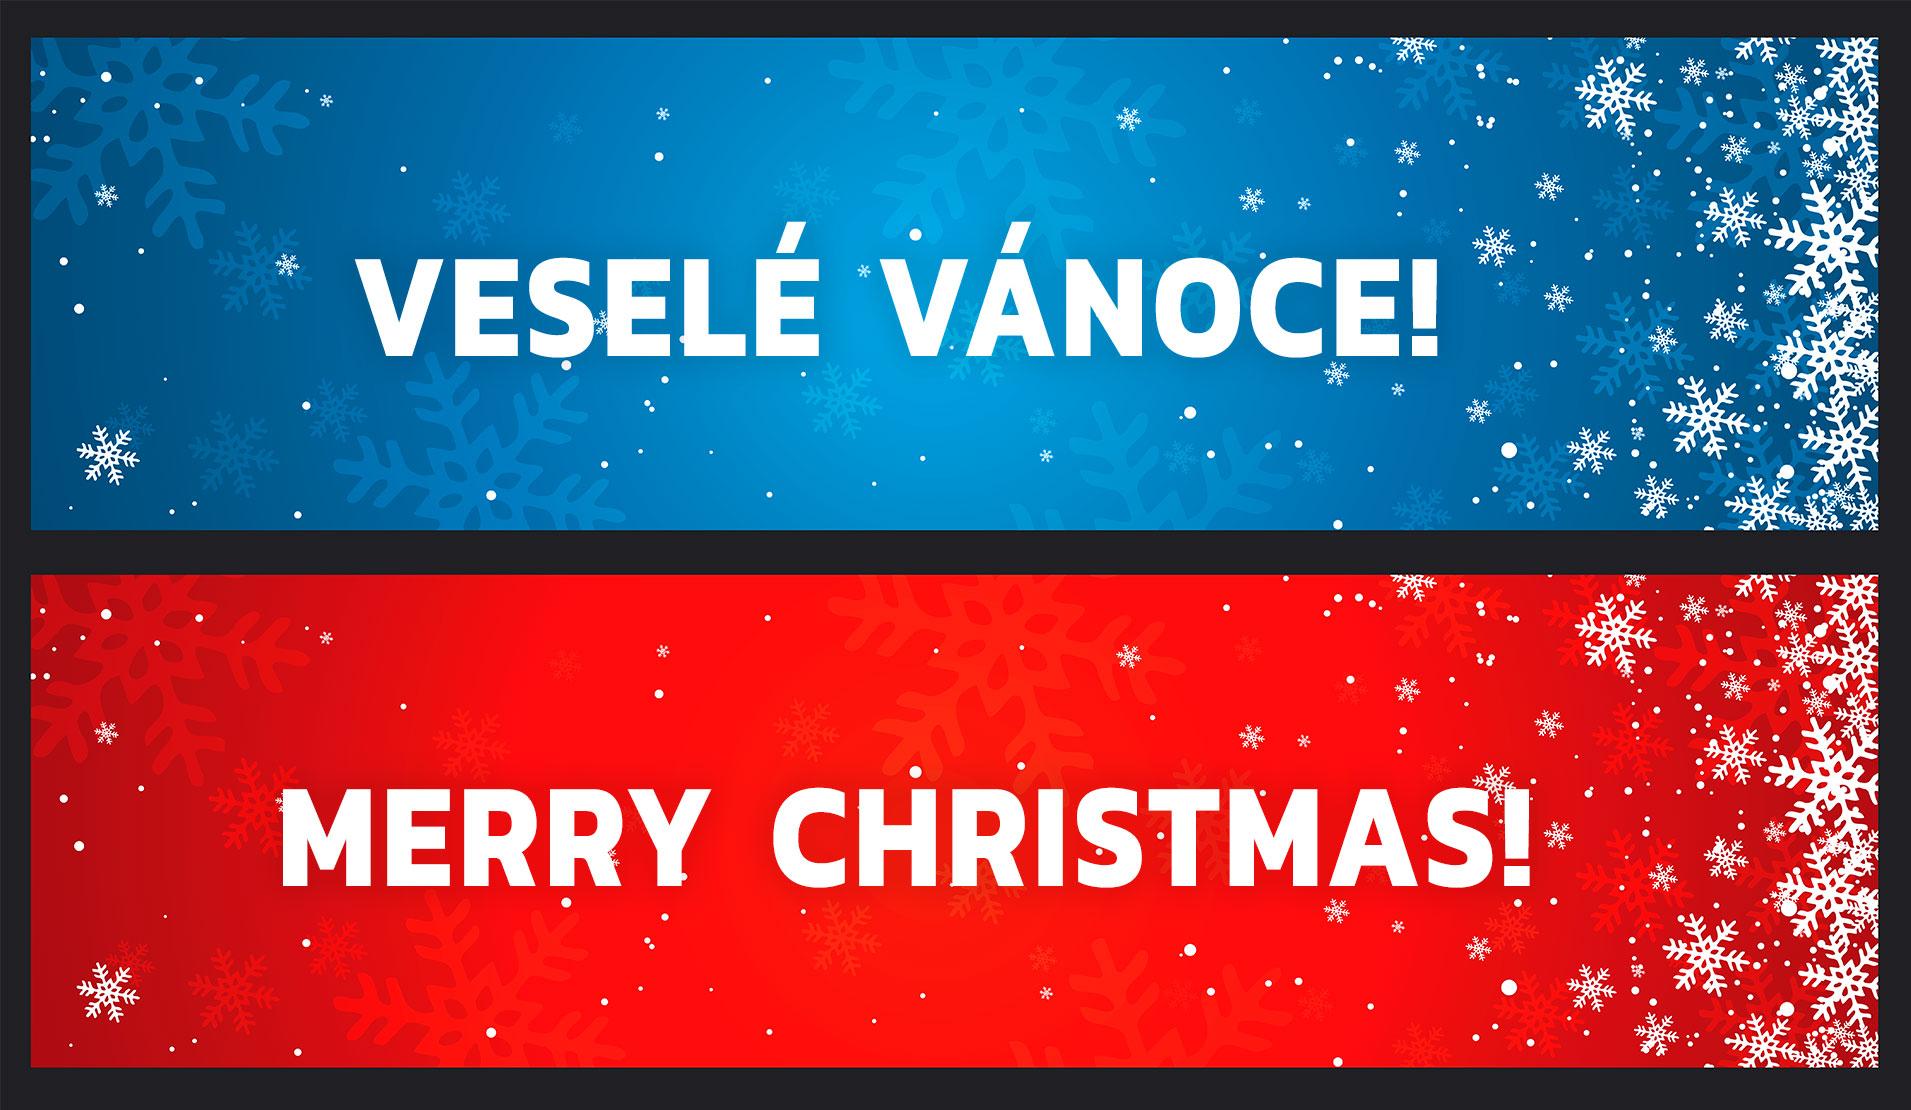 Veselé Vánoce / Merry Christmas